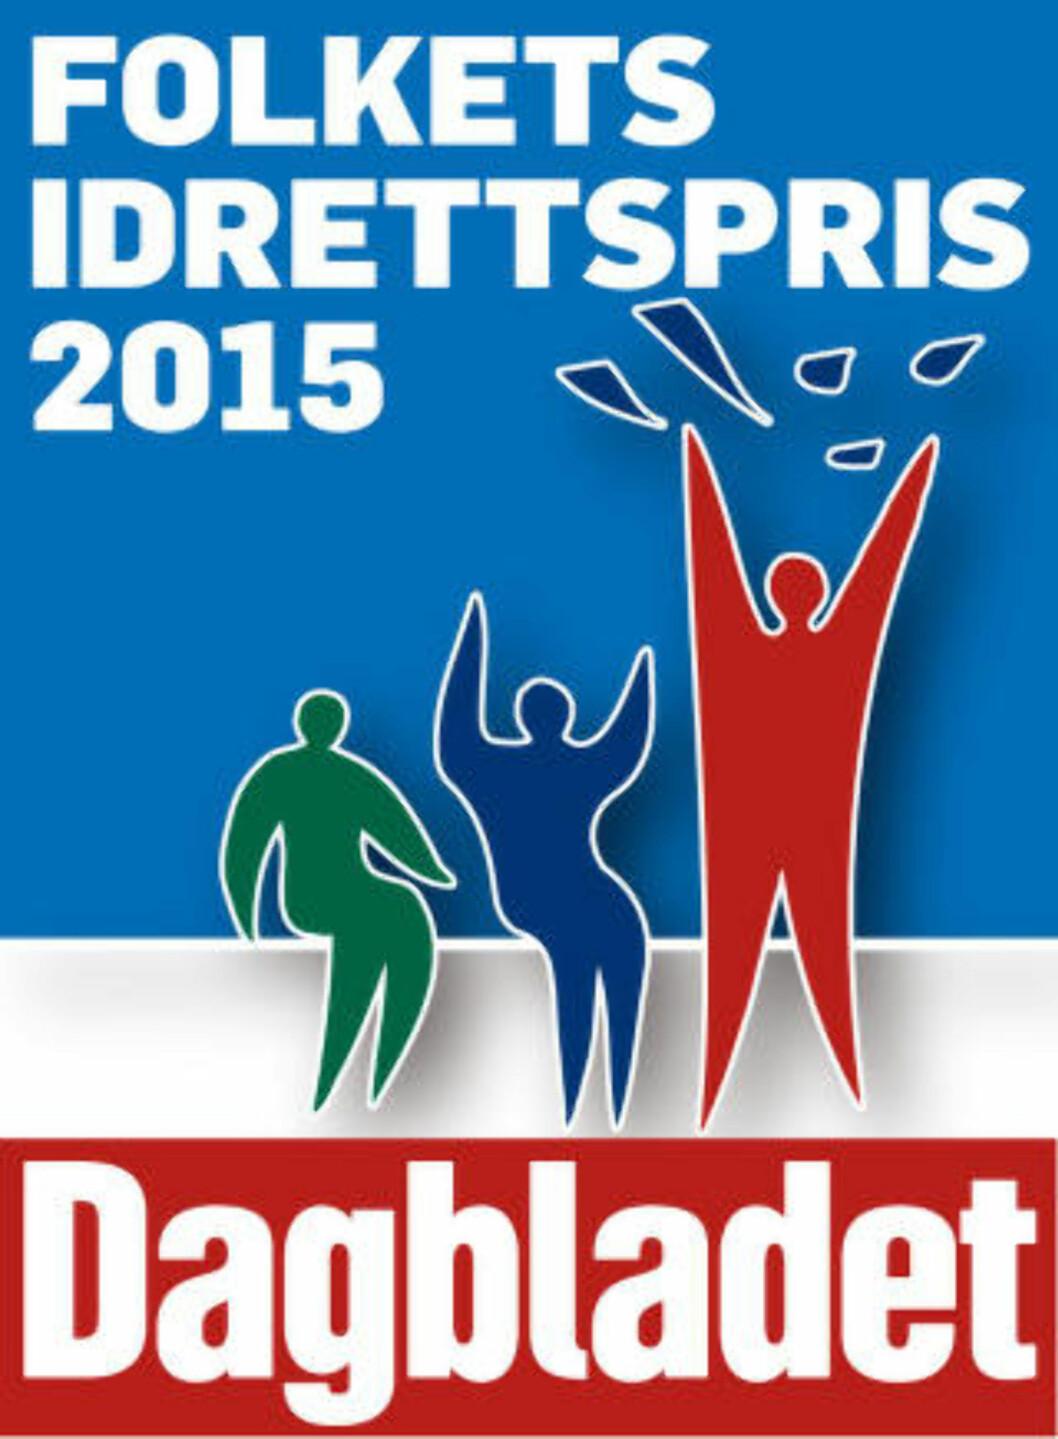 Stem på Folkets Idrettspris nå: Er Petter Northug din idrettshelt fra året som gikk?